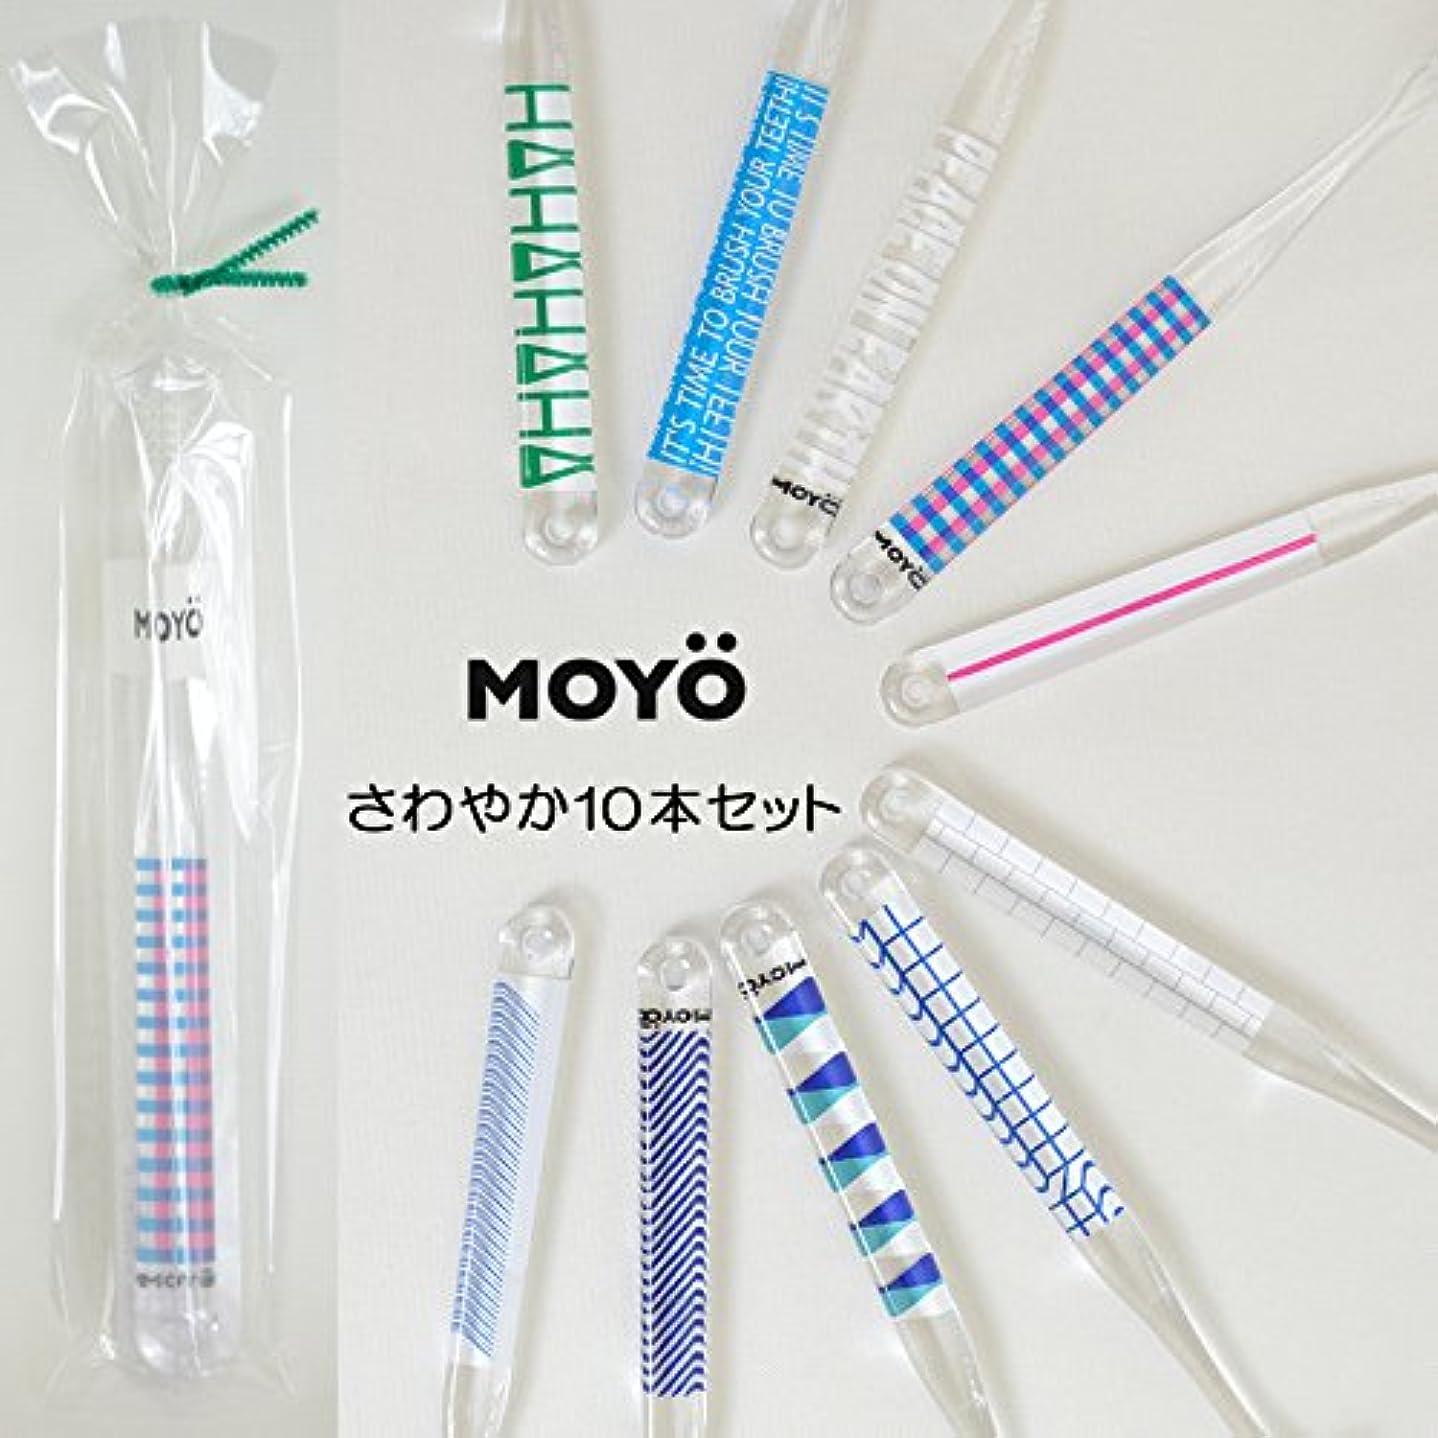 報奨金健康入学するMOYO モヨウ さわやか10本 プチ ギフト セット_562302-cool2 【F】,さわやか10本セット